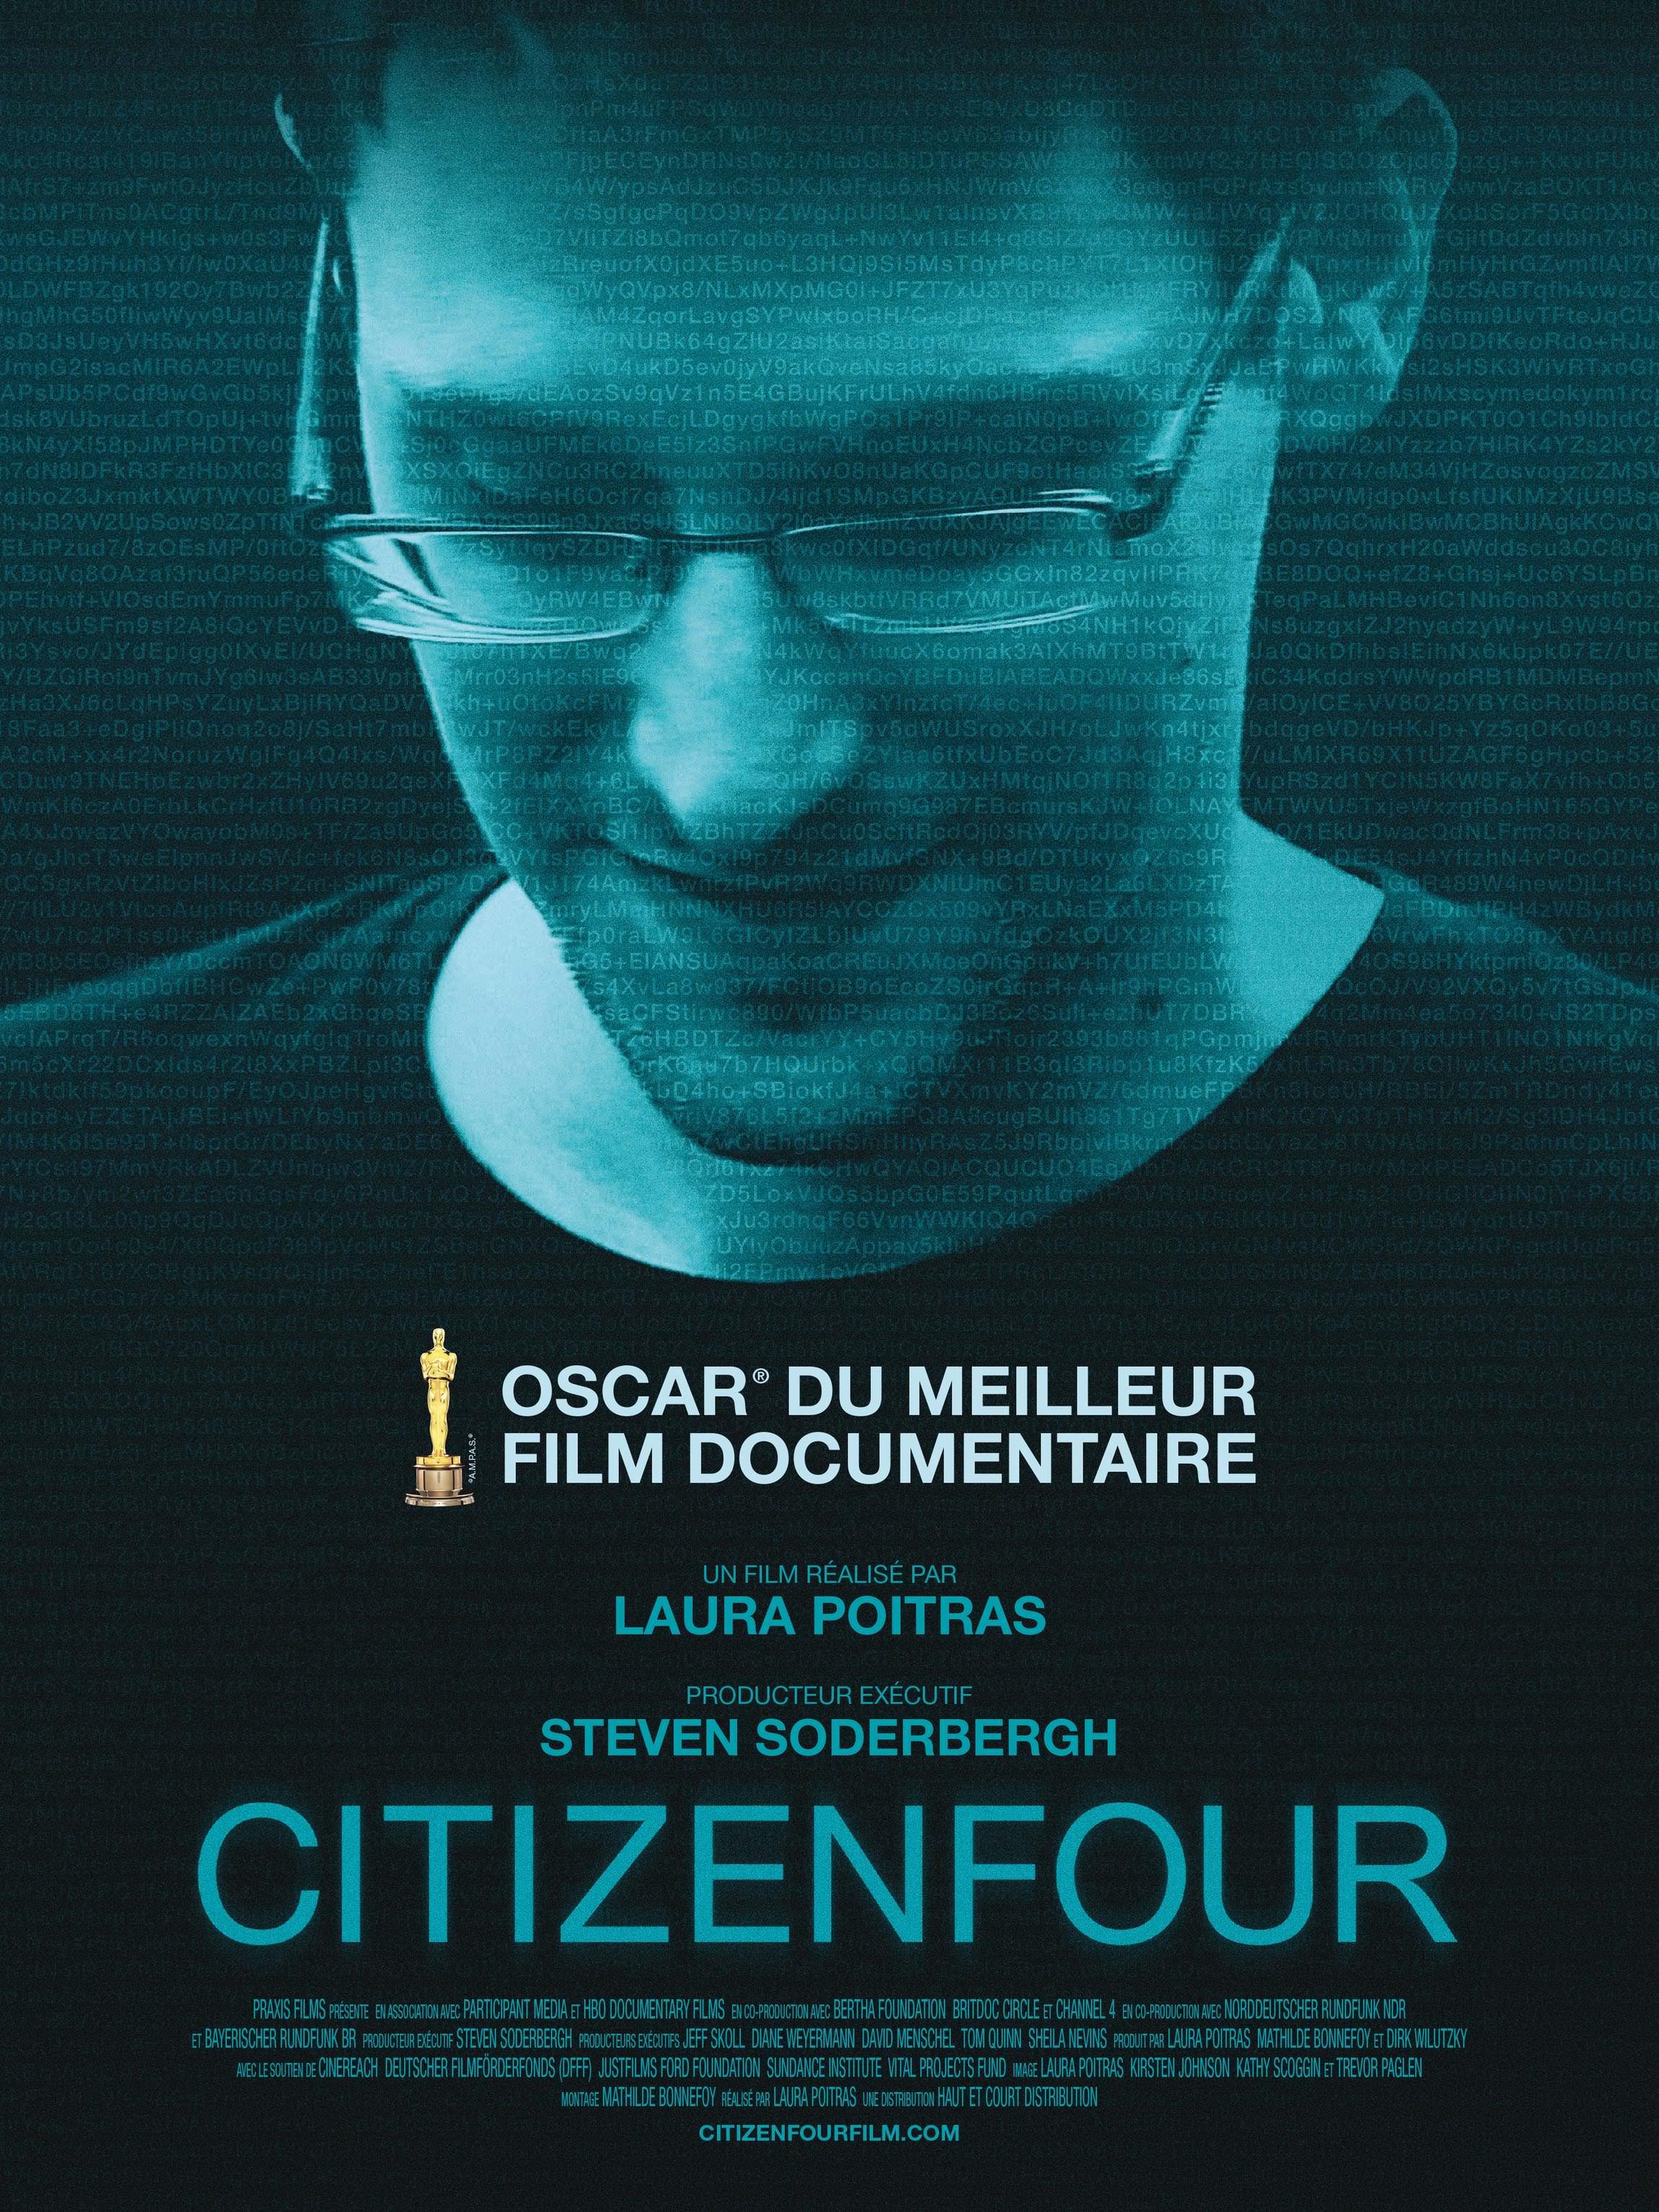 Citizenfour poitras